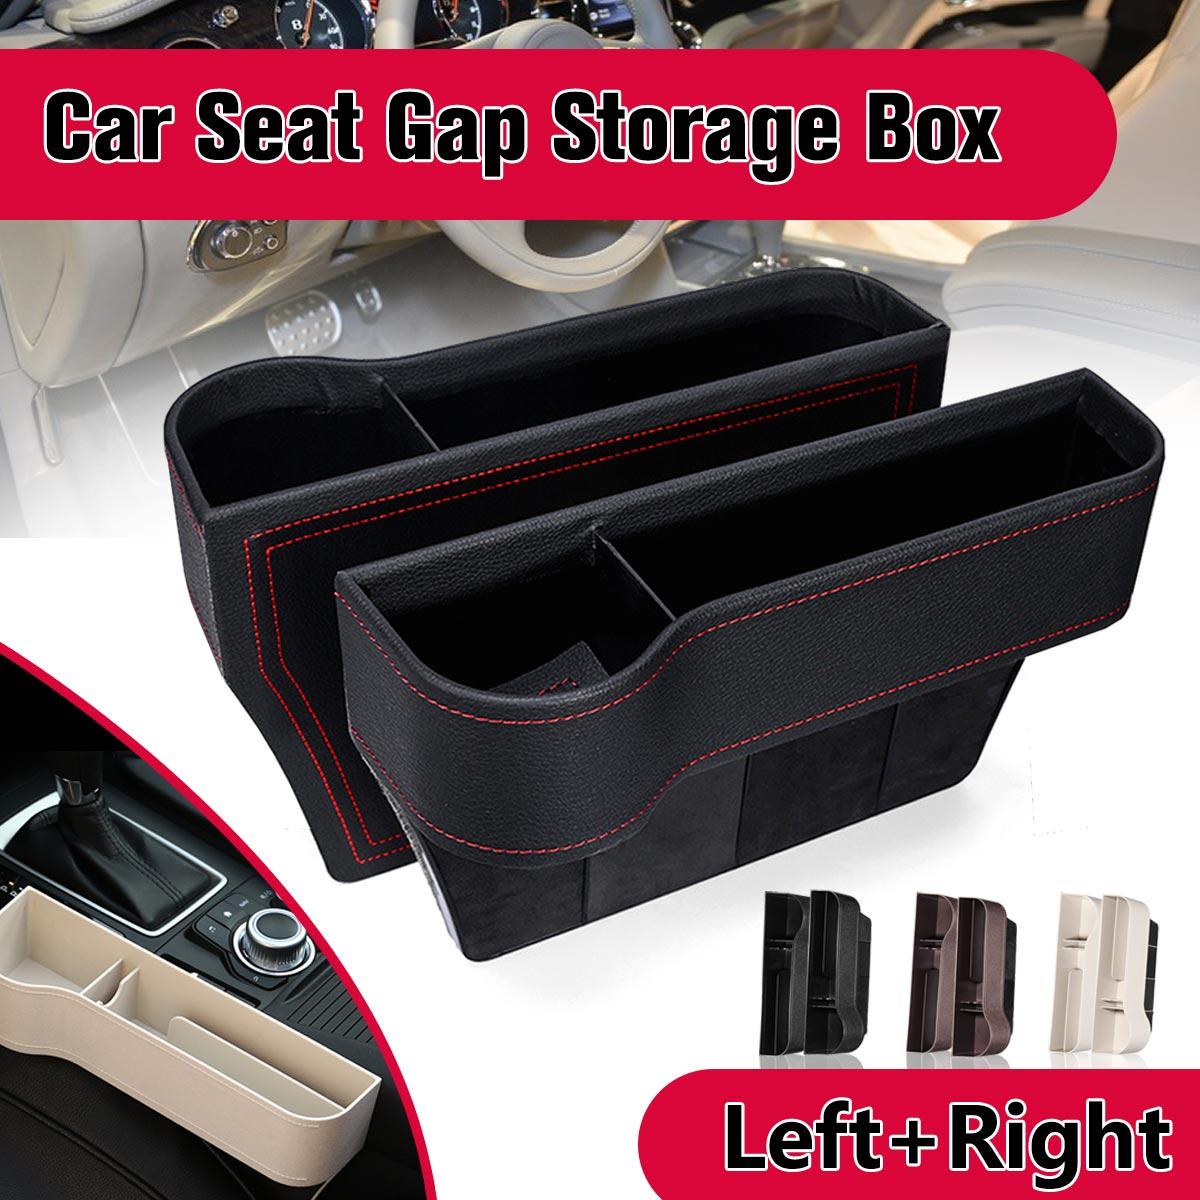 Gauche/droite siège de voiture crevasse lacunes boîte de rangement ABS plastique Auto boisson pour poches organisateurs rangement rangement universel